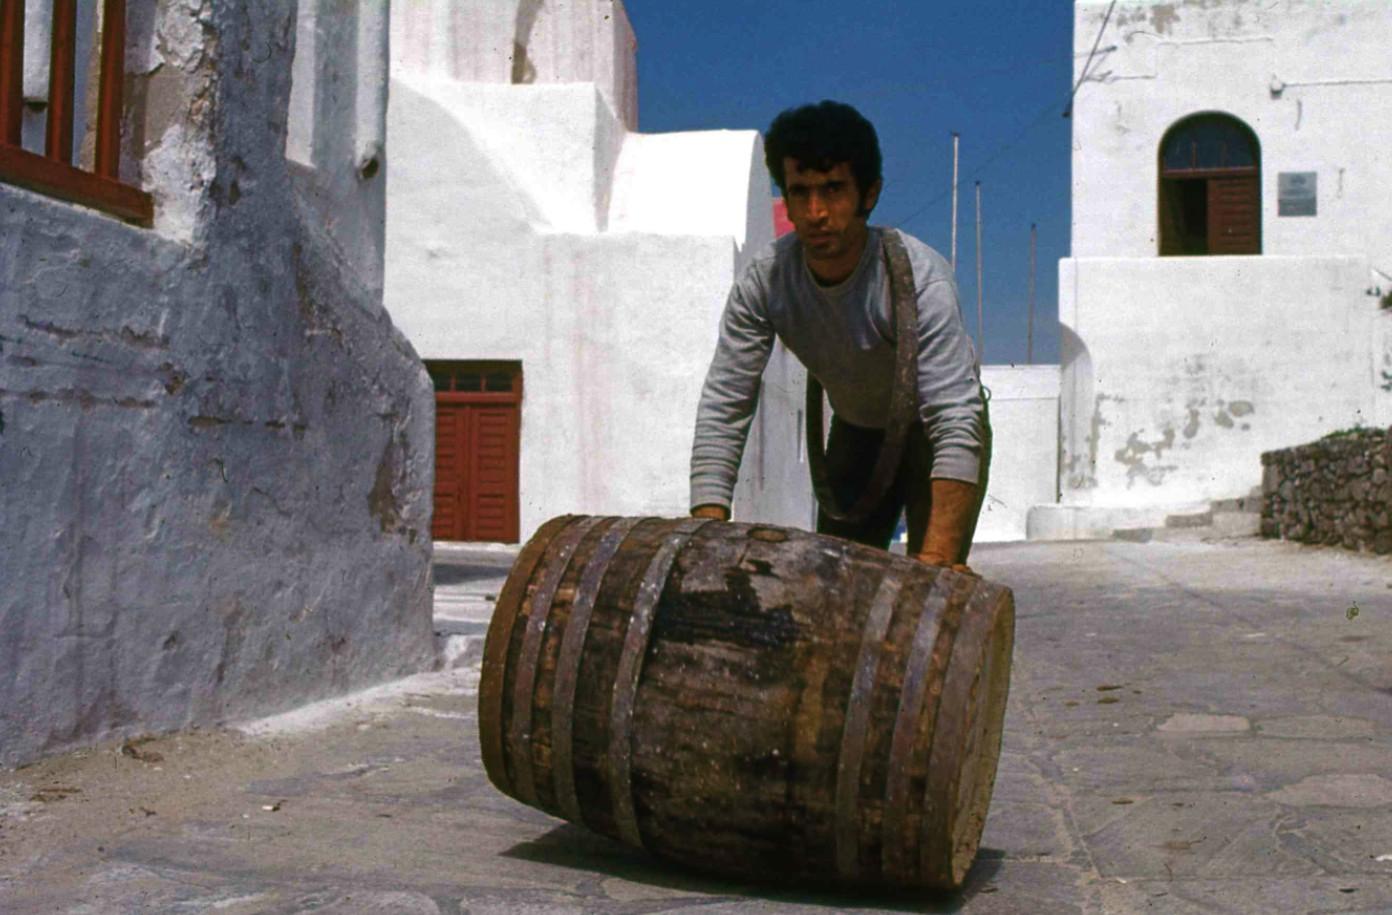 樽を運ぶ男。The man who rolls a barrel 多くが人力だった。自動車もほとんど見かけなかったが、you tubを見ると今では島に車が溢れかえっている。  ⓒToshihiko Shibano